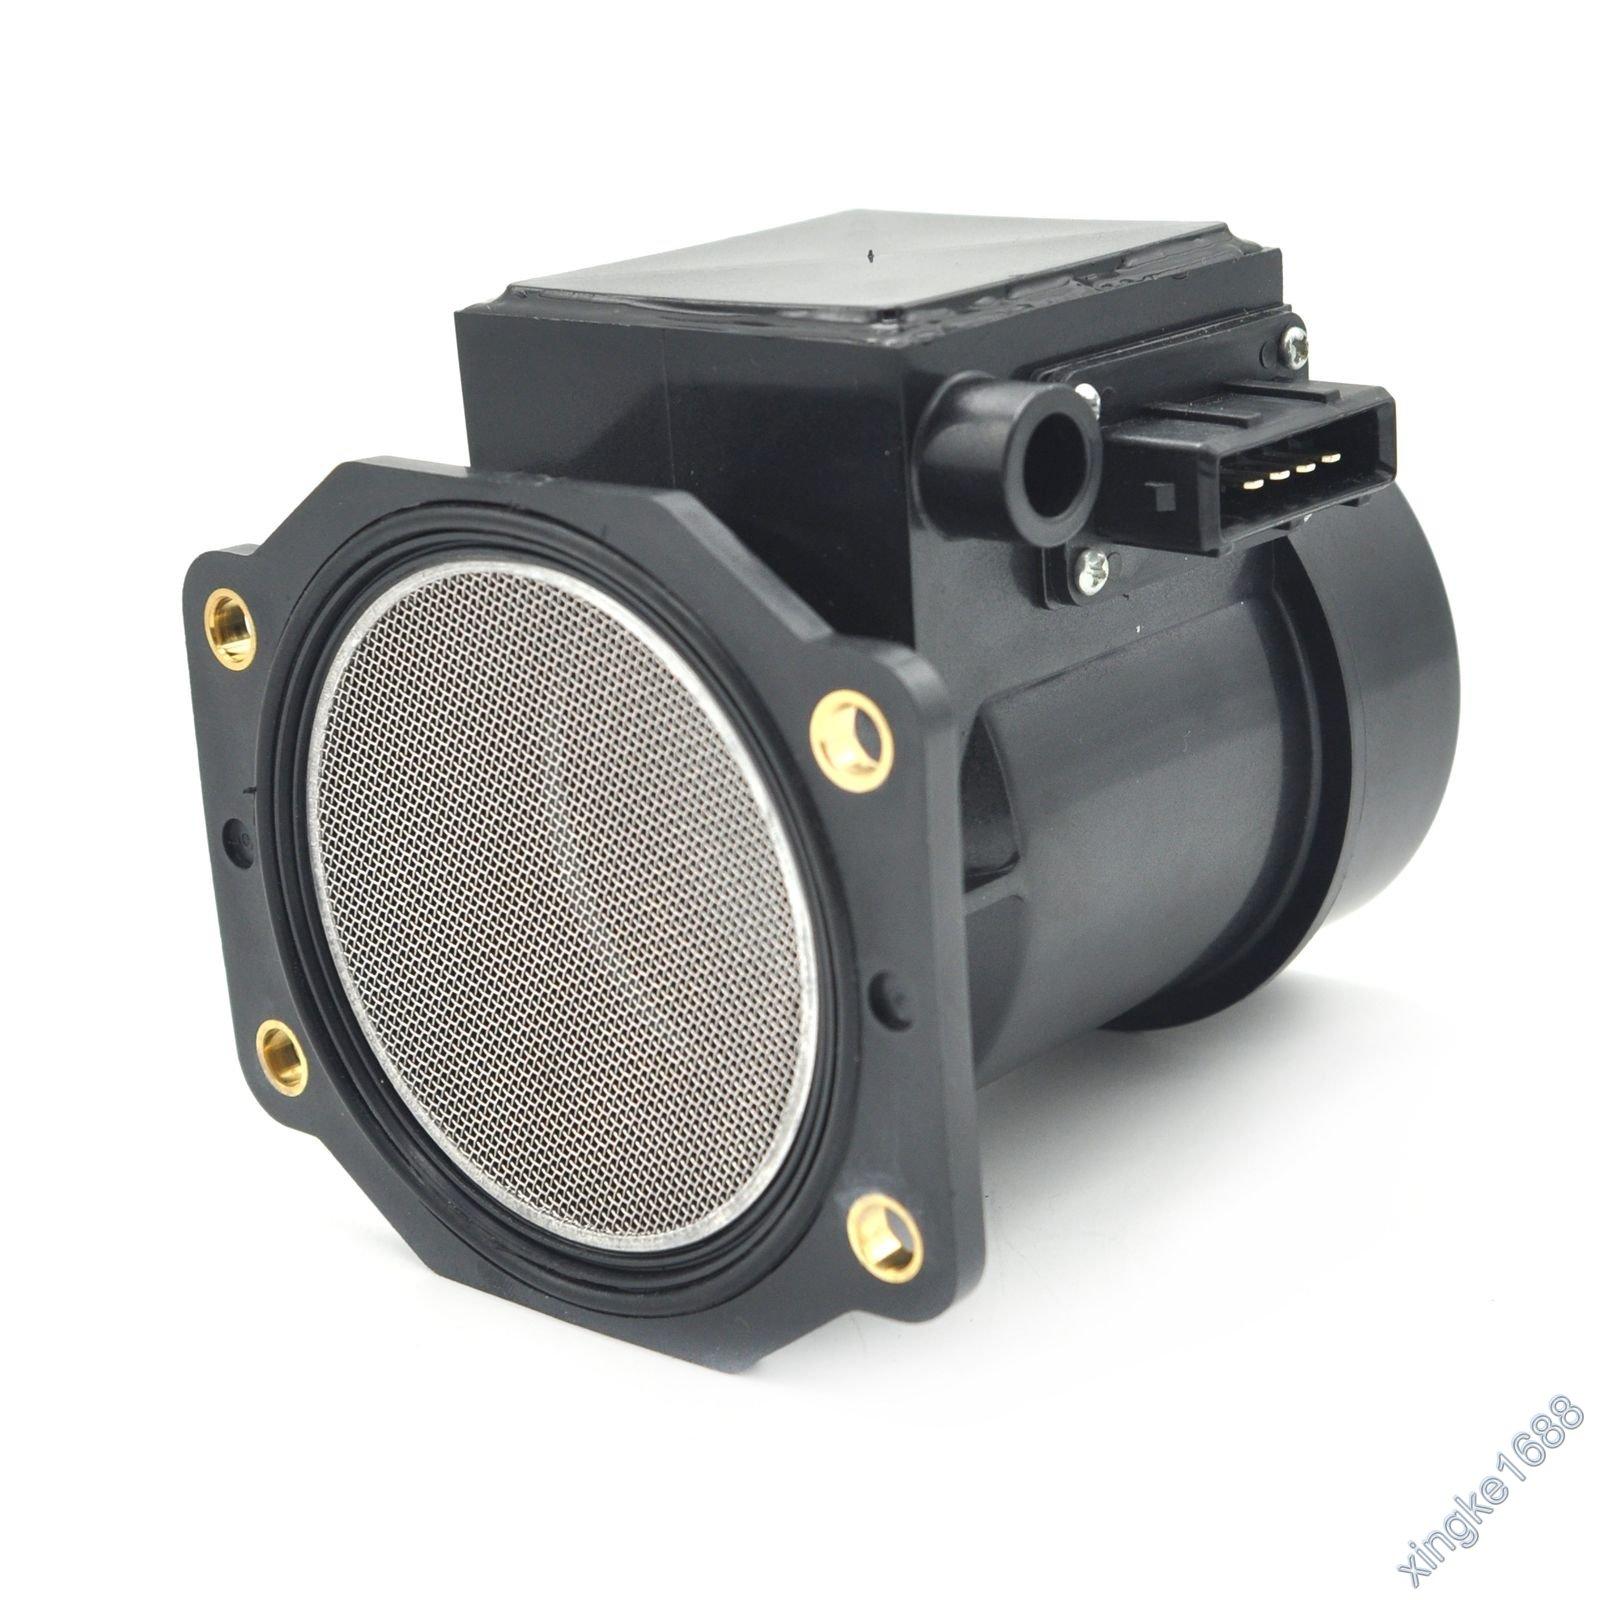 New Mass Air Flow Sensor Meter For Infiniti Nissan J30 300ZX 5 Pins 22680-30P00